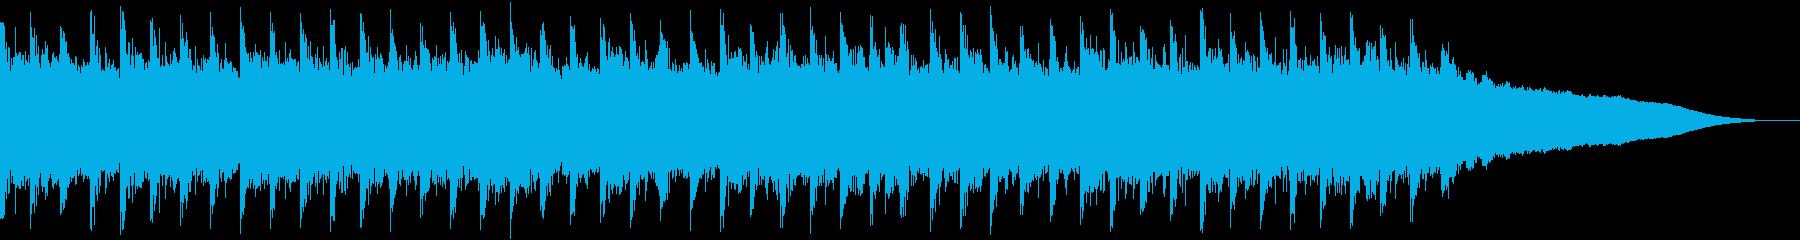 企業VP、コーポレート、明るい曲,30秒の再生済みの波形